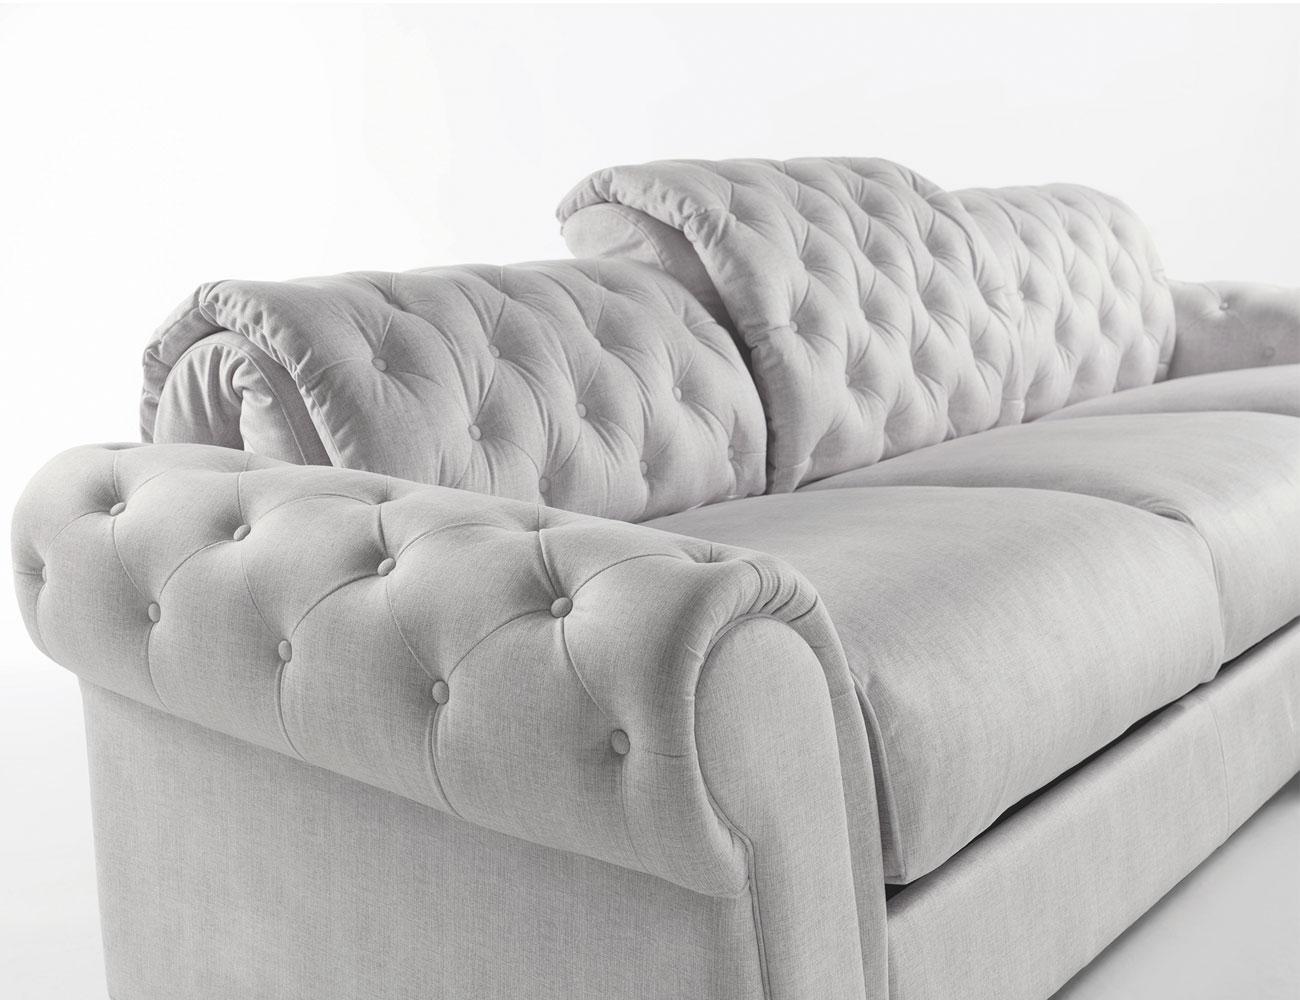 Sofa chaiselongue gran lujo decorativo capitone blanco tela 147